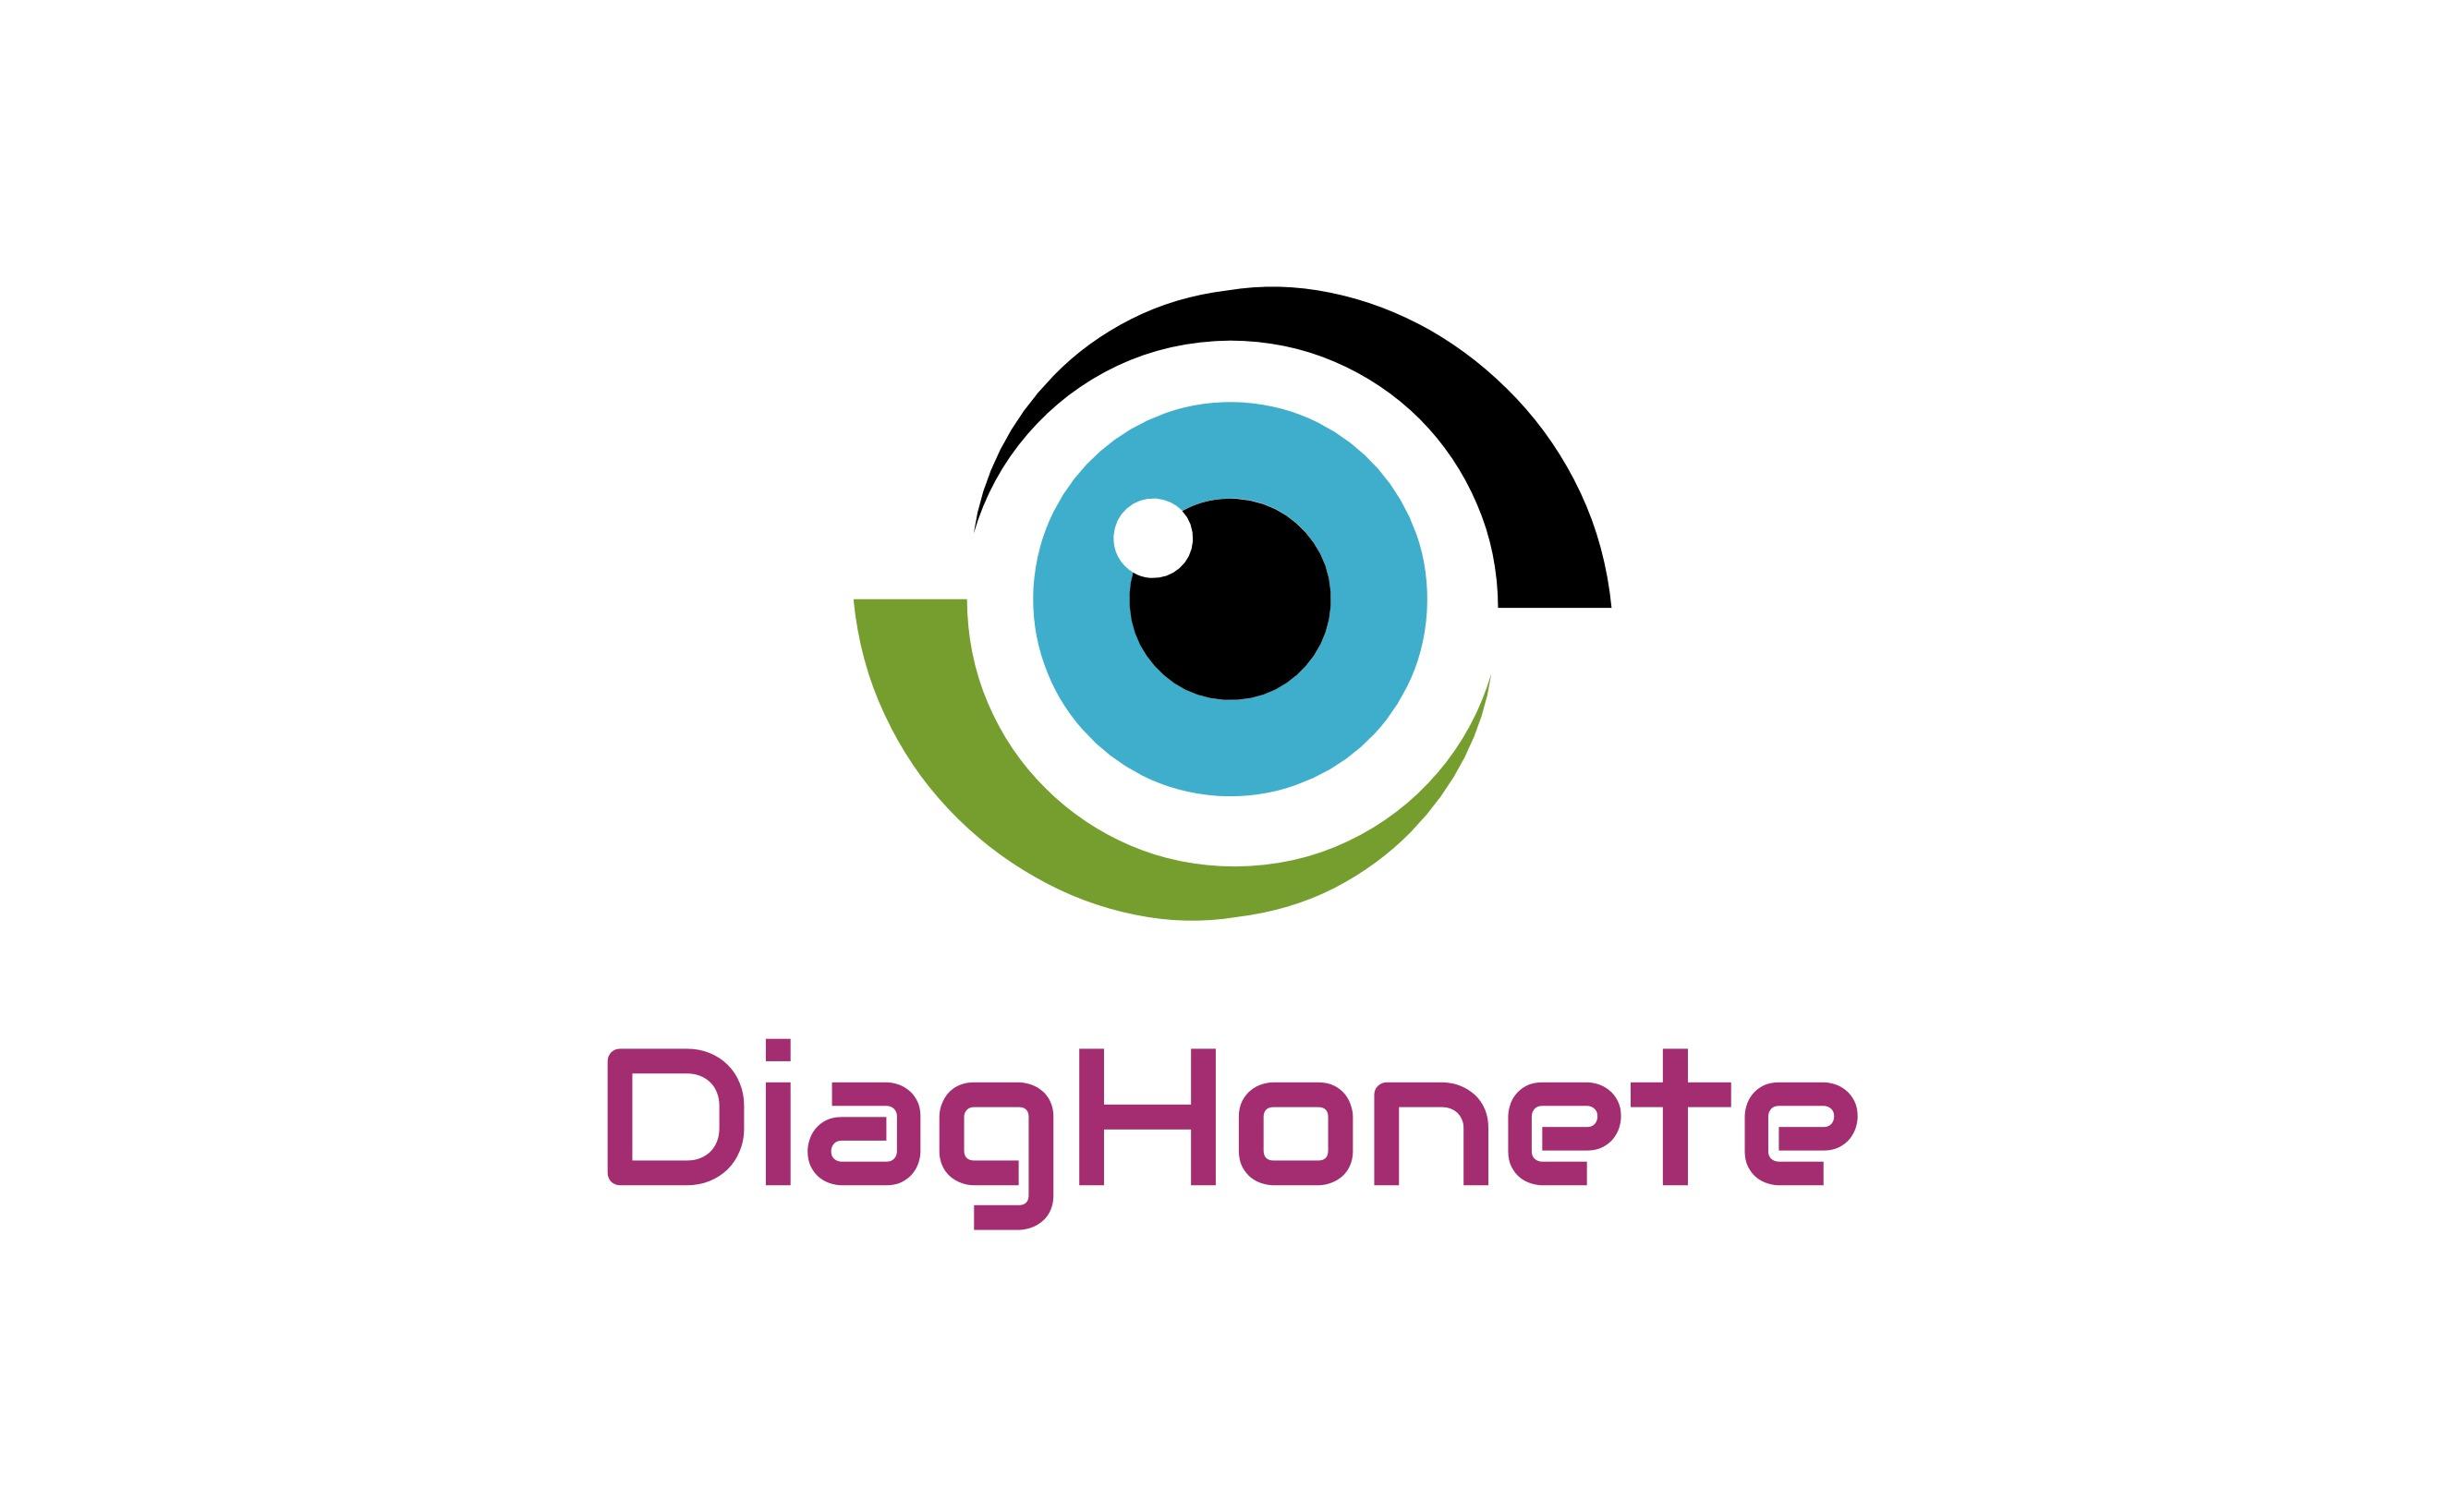 Diaghonete